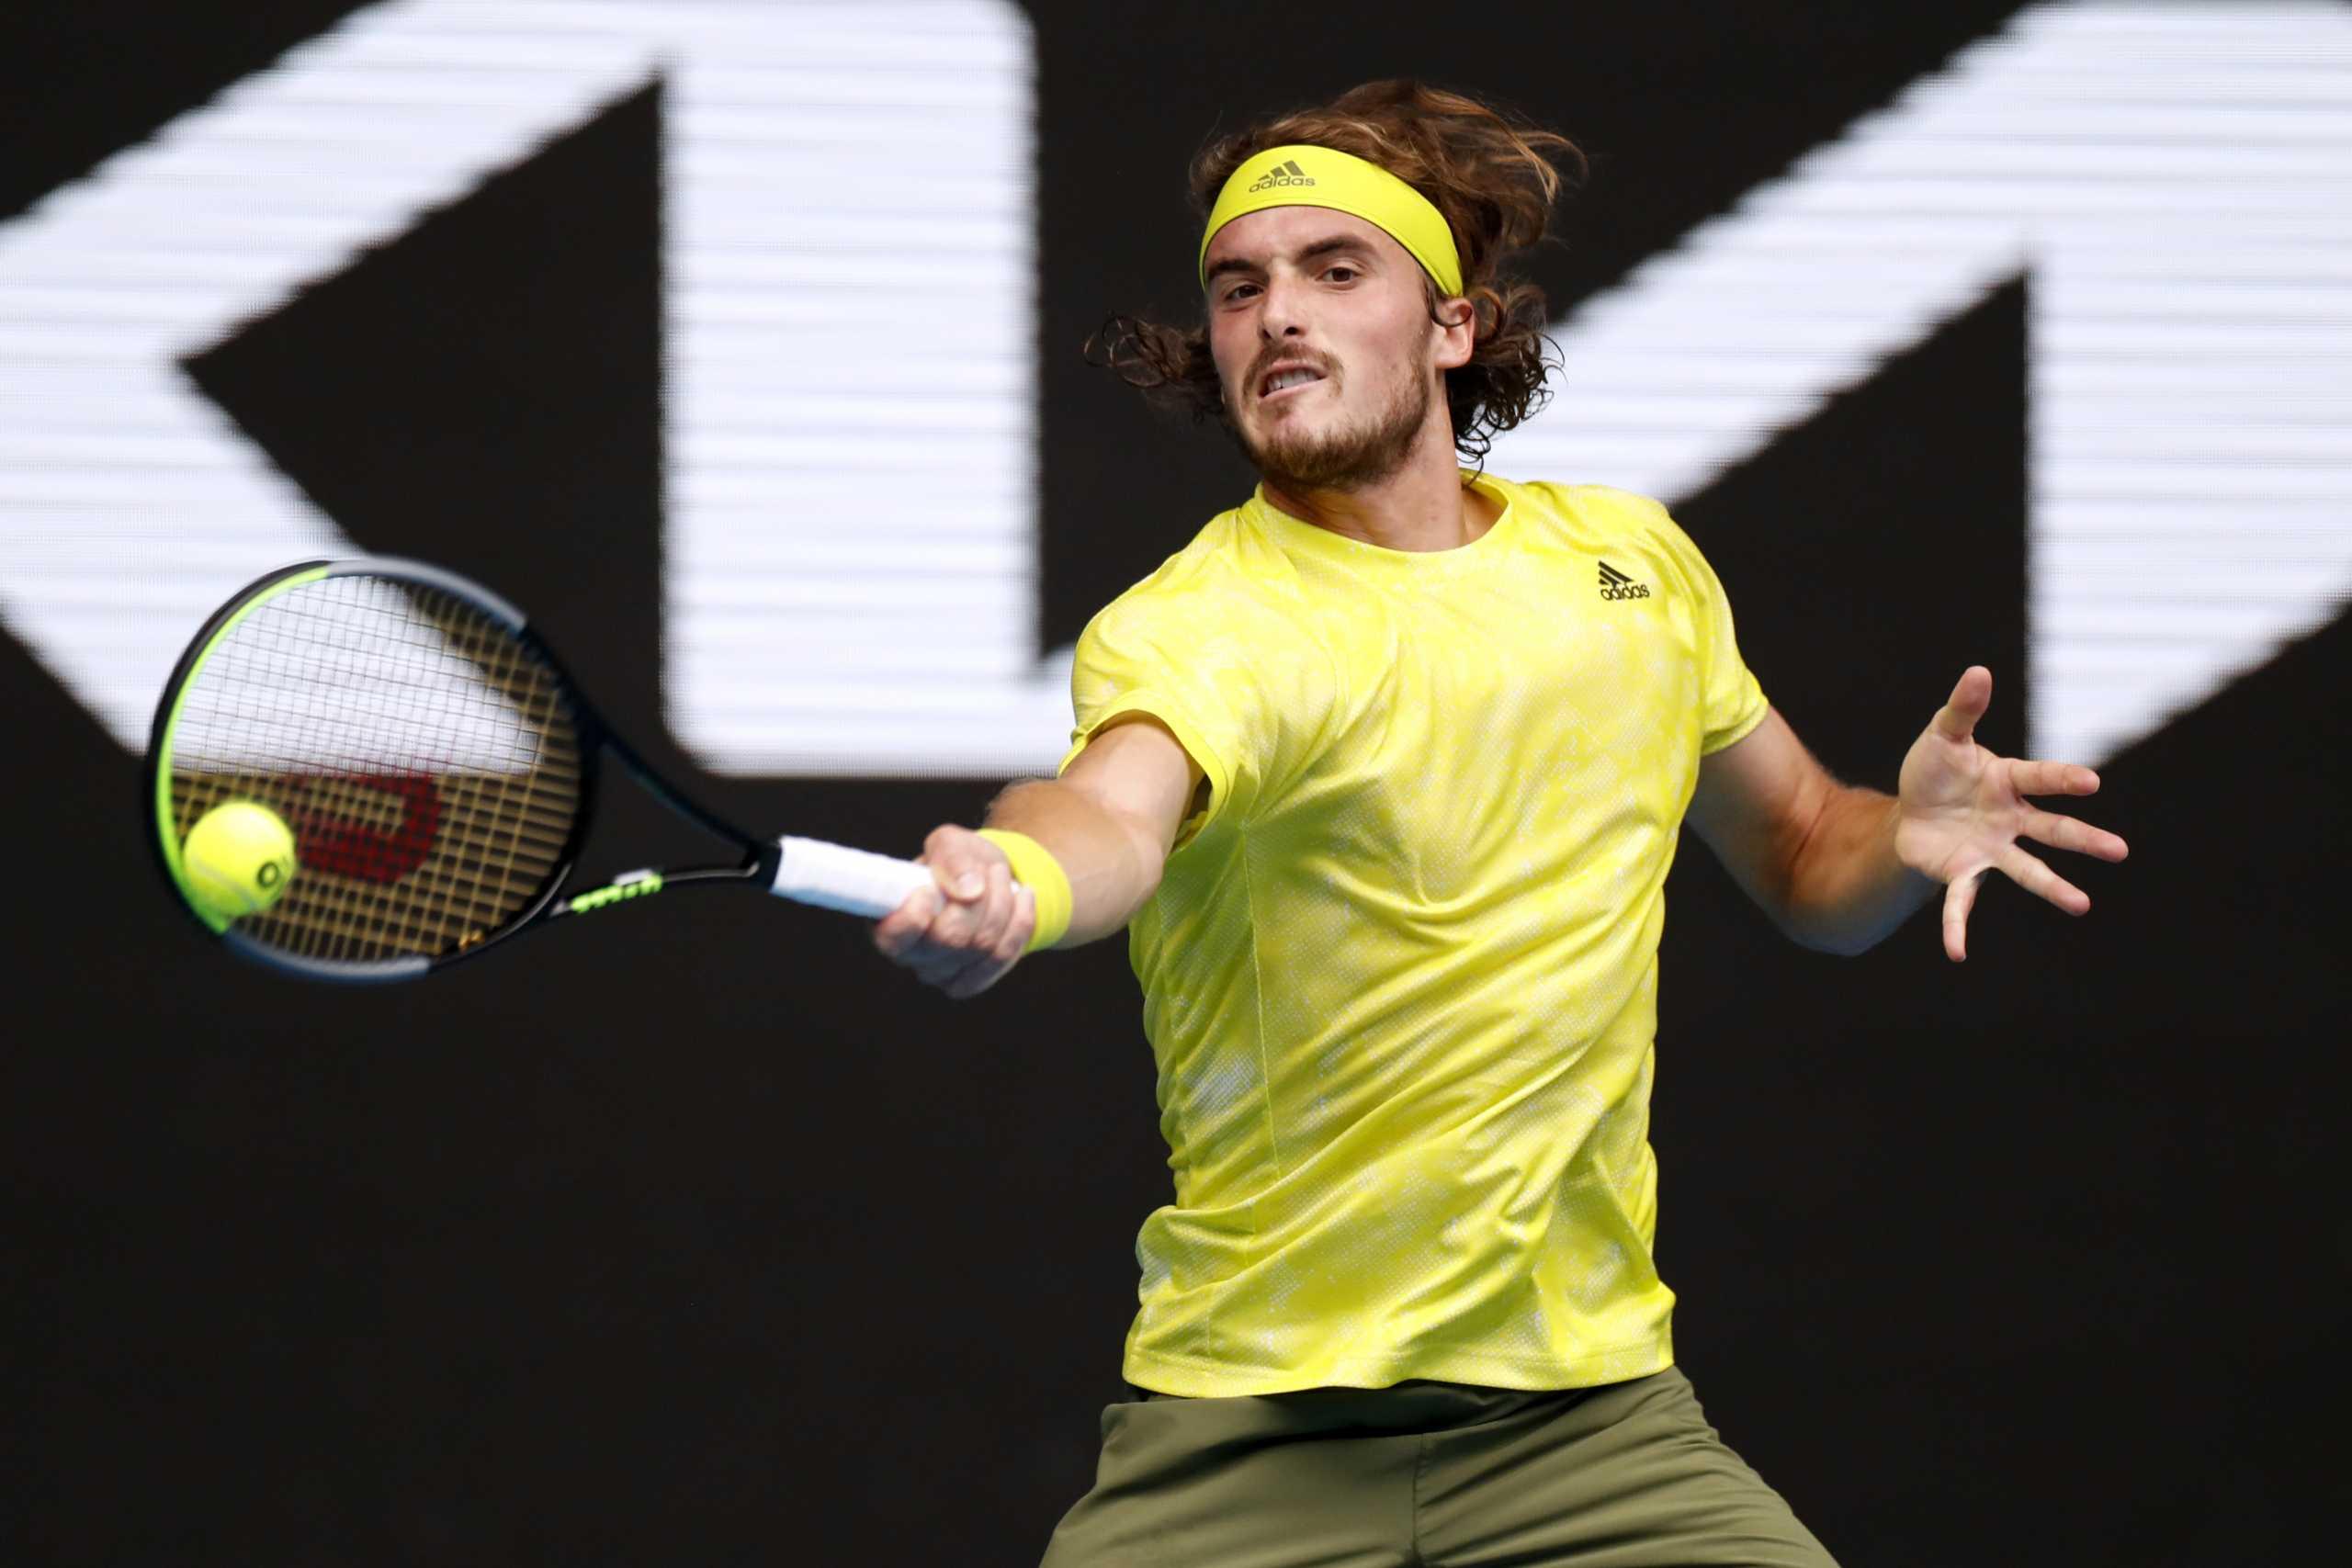 """Τσιτσιπάς – Ναδάλ: Θρυλική πρόκριση στο Australian Open, """"γονάτισε"""" τον Ισπανό"""